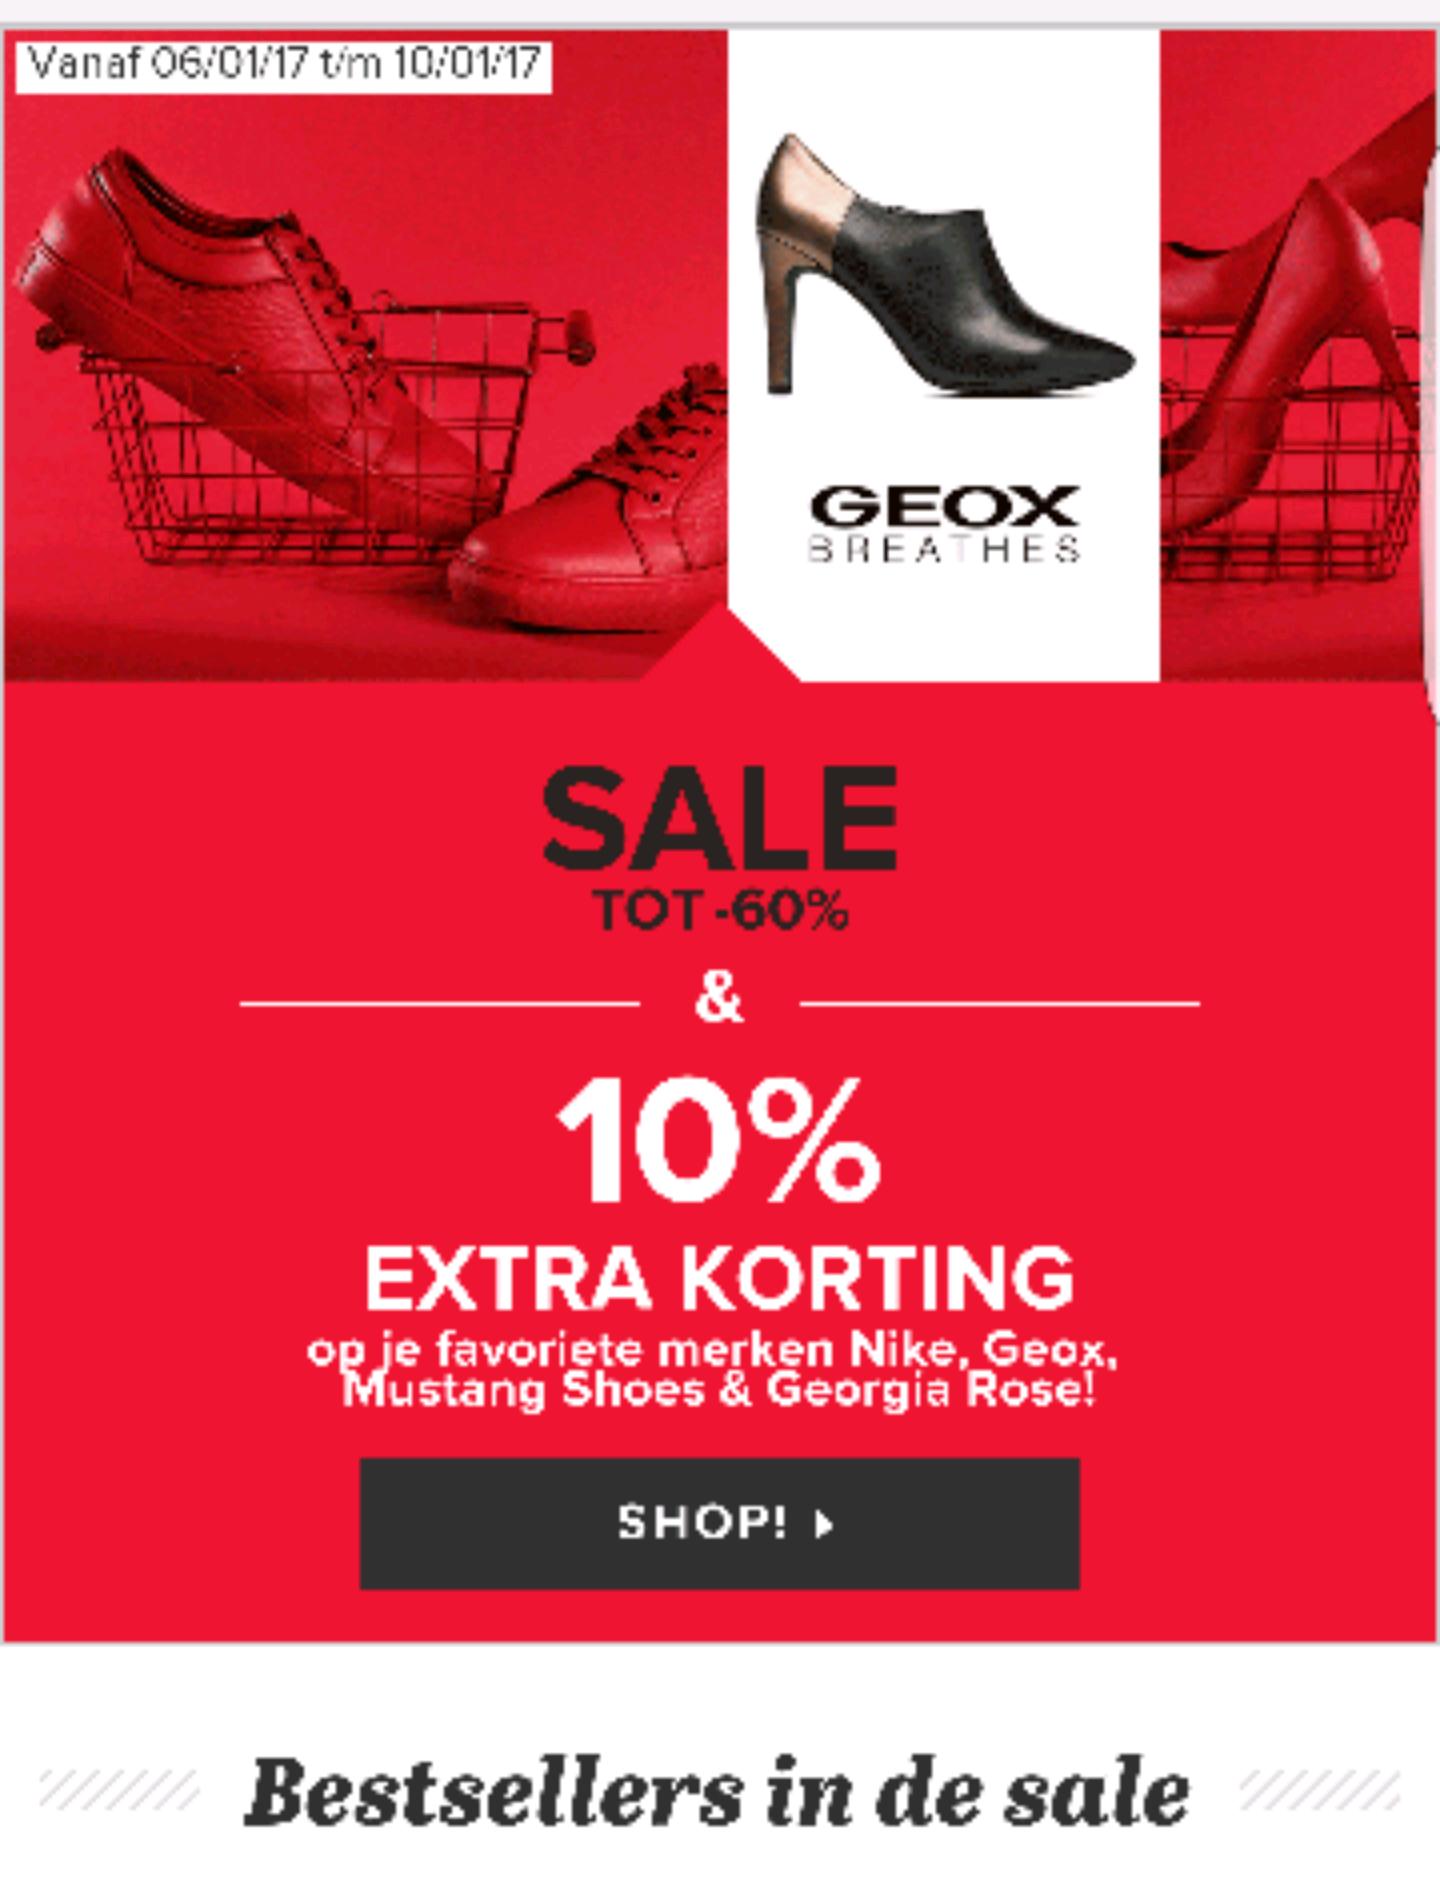 Sale tot 60% @ Sarenza